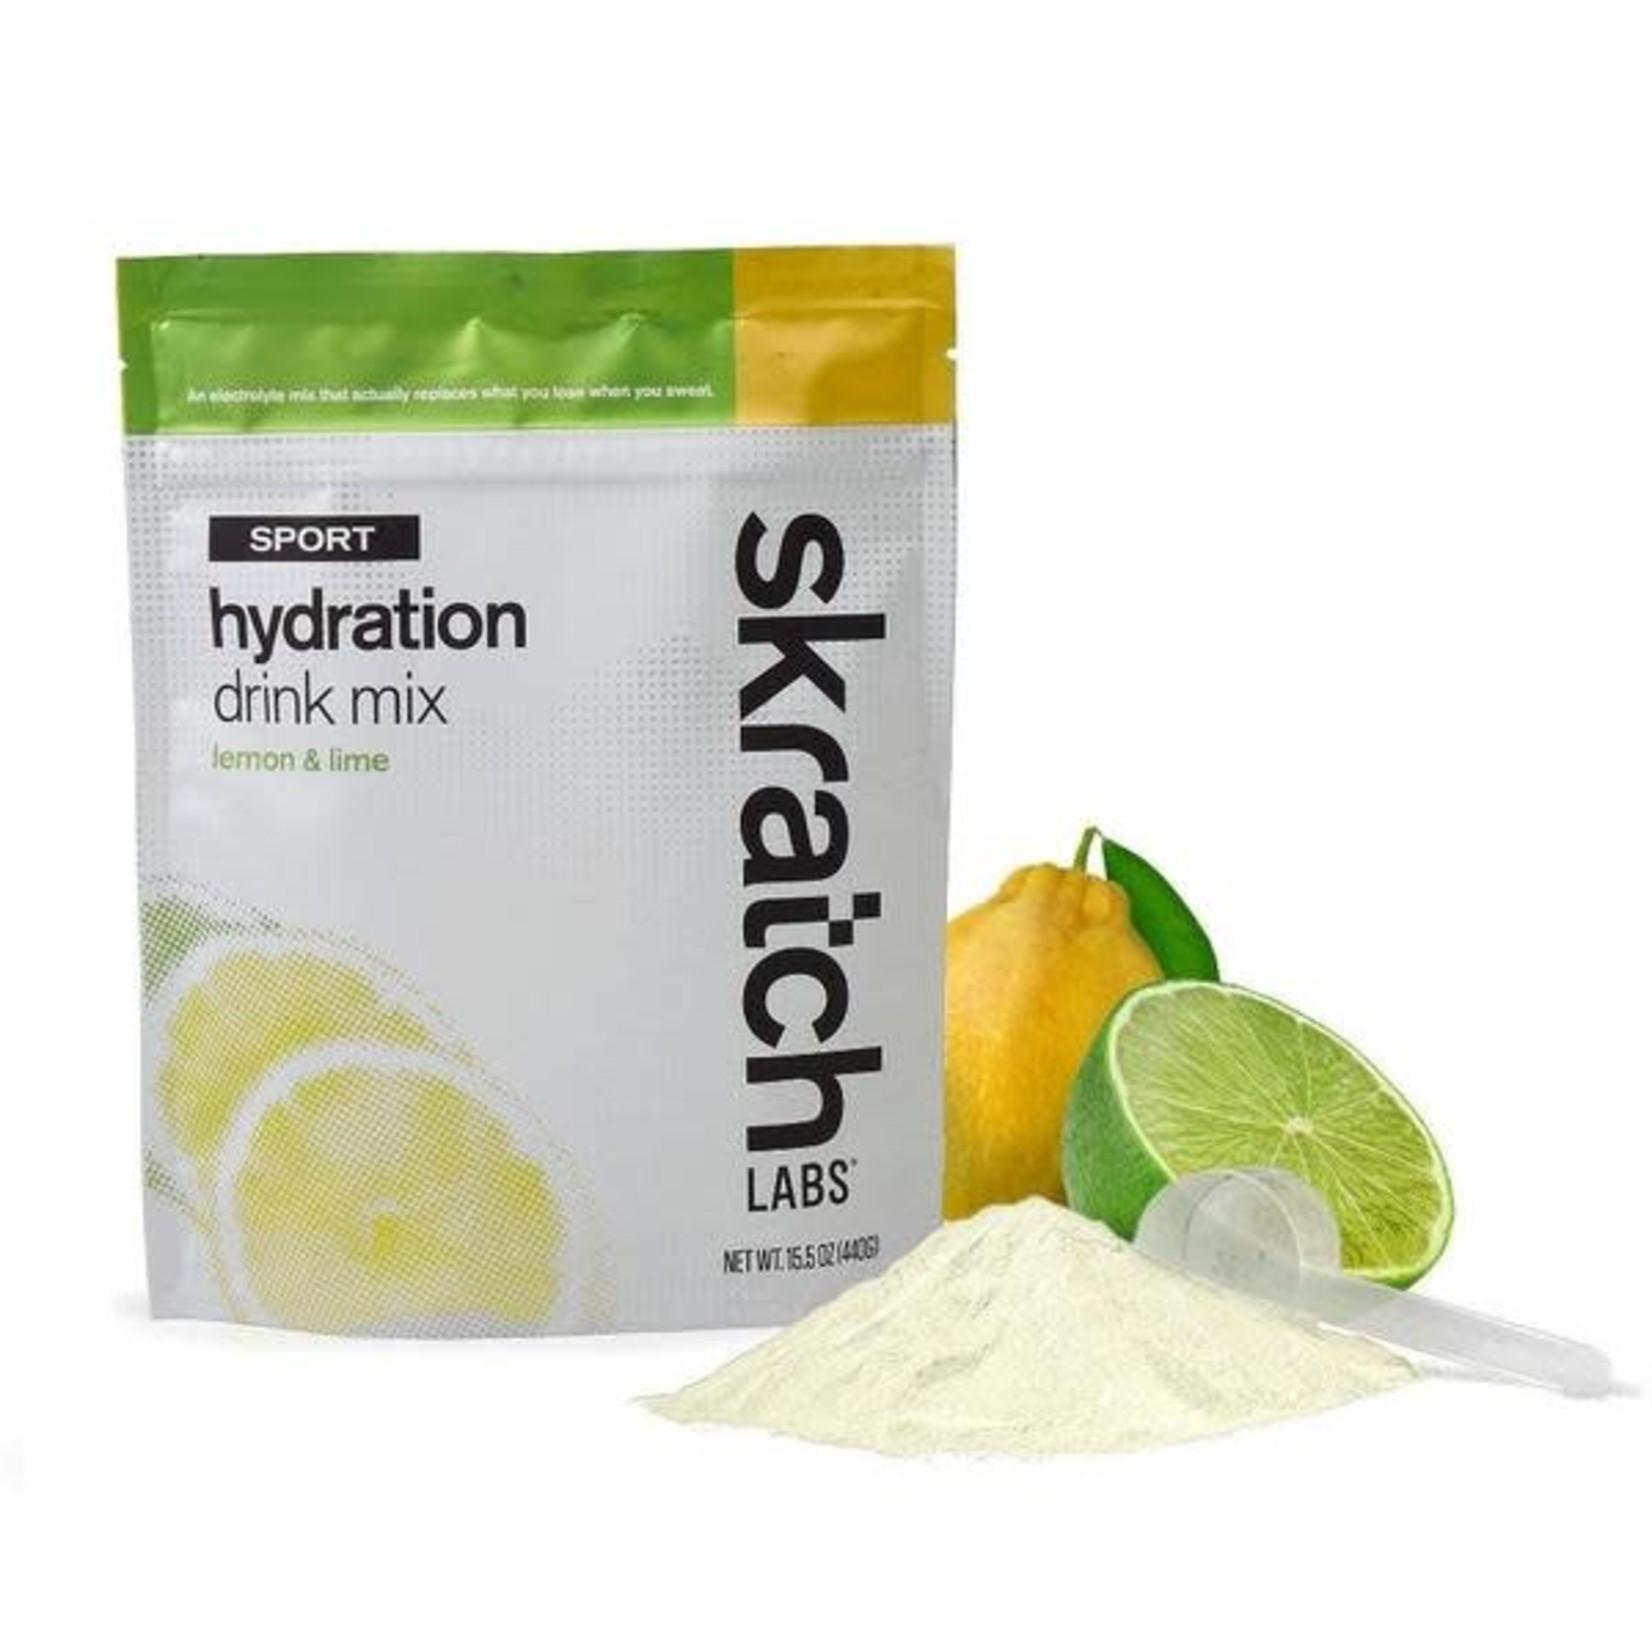 Skratch Labs Mélange de boisson d'hydratation pour sports: Citron et lime (Sac 440g)